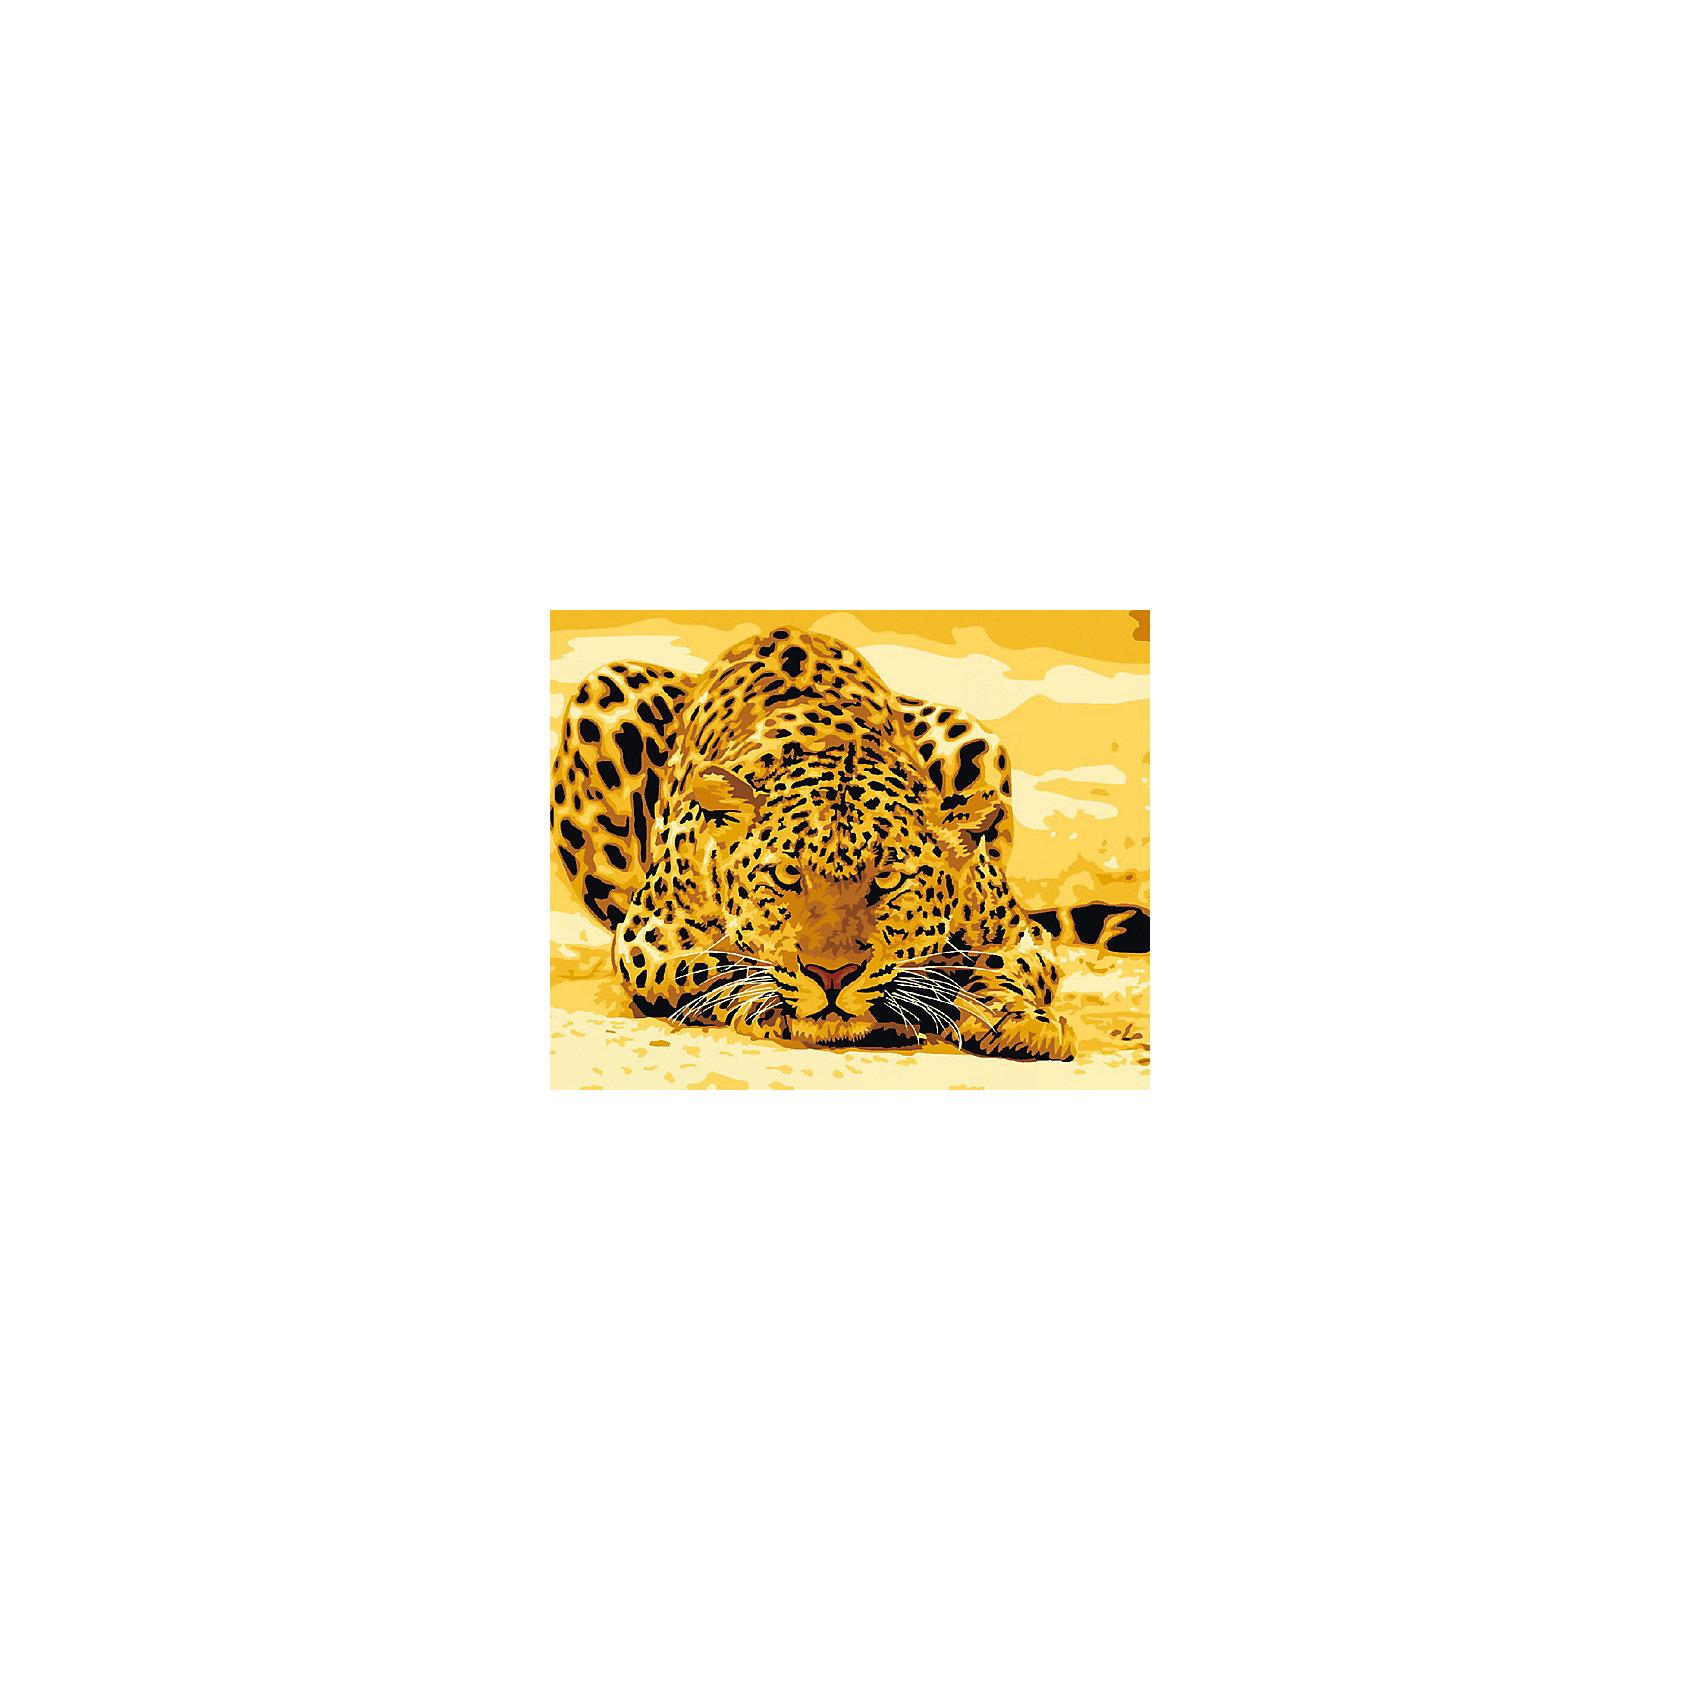 Холст с красками по номерам Леопард на охоте 40х50 смРисование<br>замечательные наборы для создания уникального шедевра изобразительного искусства. Создание картин на специально подготовленной рабочей поверхности – это уникальная техника, позволяющая делать Ваши шедевры более яркими и реалистичными. Просто нанесите мазки на уже готовый эскиз и оживите картину! Готовые изделия могут стать украшением интерьера или прекрасным подарком близким и друзьям.<br><br>Ширина мм: 510<br>Глубина мм: 410<br>Высота мм: 25<br>Вес г: 900<br>Возраст от месяцев: 36<br>Возраст до месяцев: 108<br>Пол: Унисекс<br>Возраст: Детский<br>SKU: 5096773